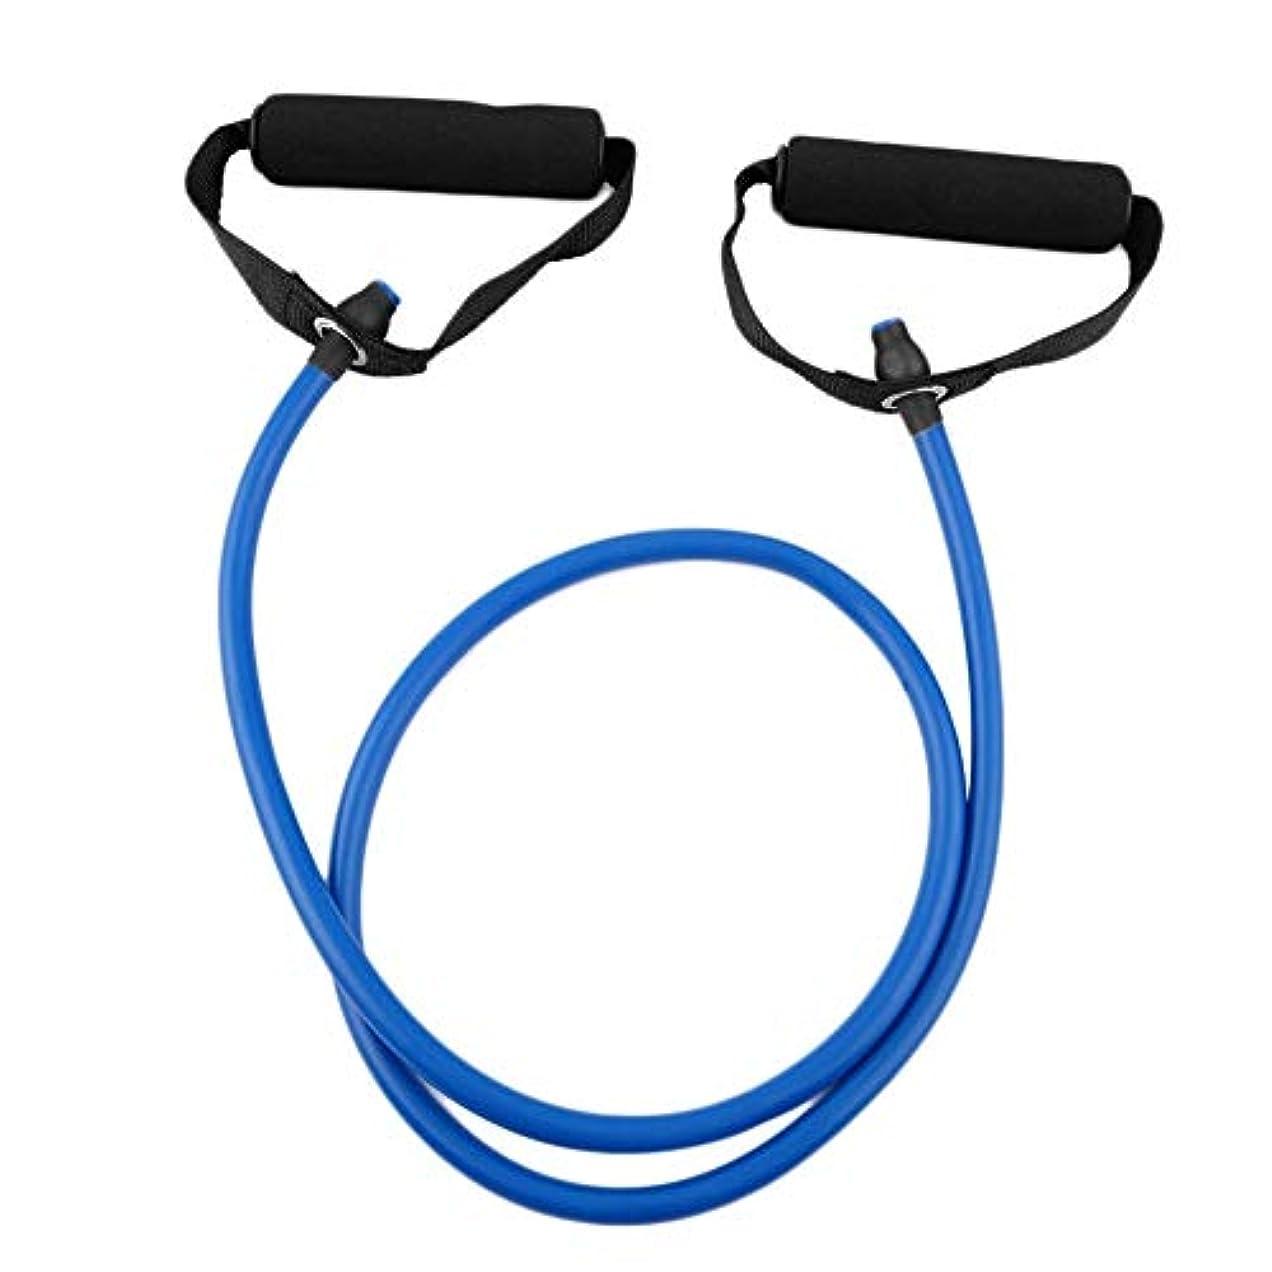 土地内側コンピューターフィットネス抵抗バンドロープチューブ弾性運動用ヨガピラティスワークアウトホームスポーツプルロープジムエクササイズツール(Color:blue)